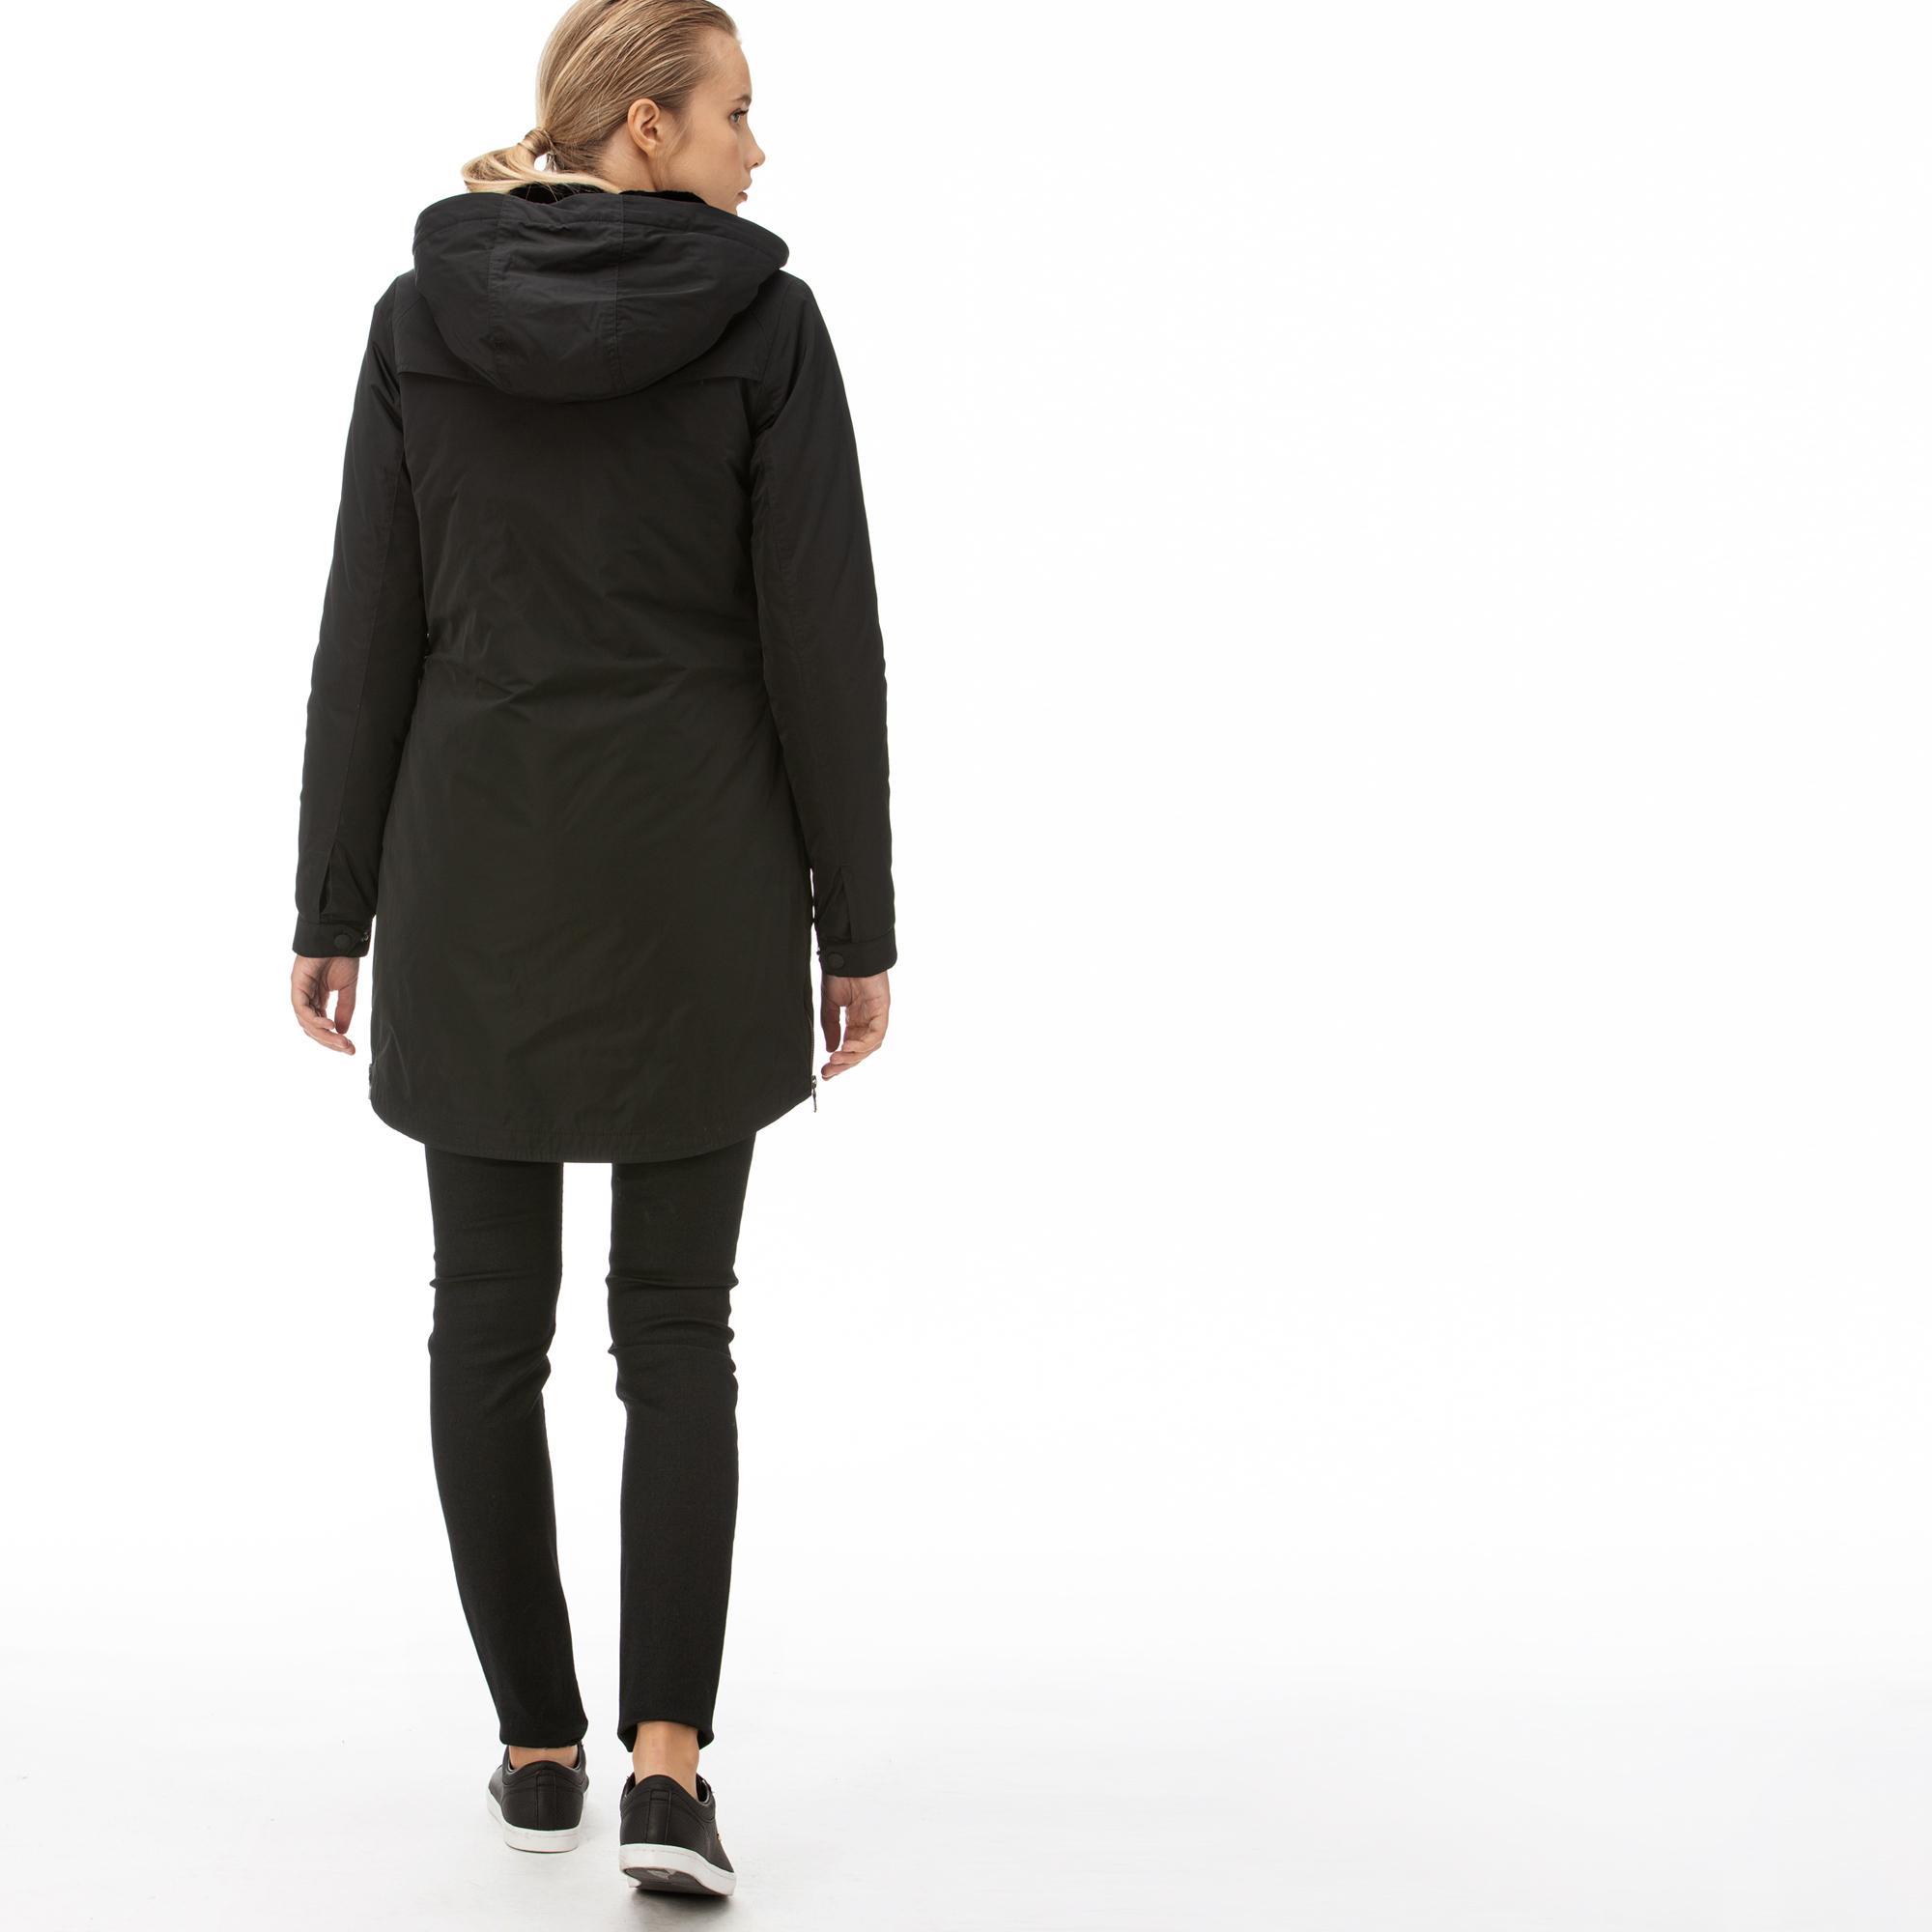 Lacoste Kadın Çift Kullanımlı Kürk Detaylı Siyah Mont